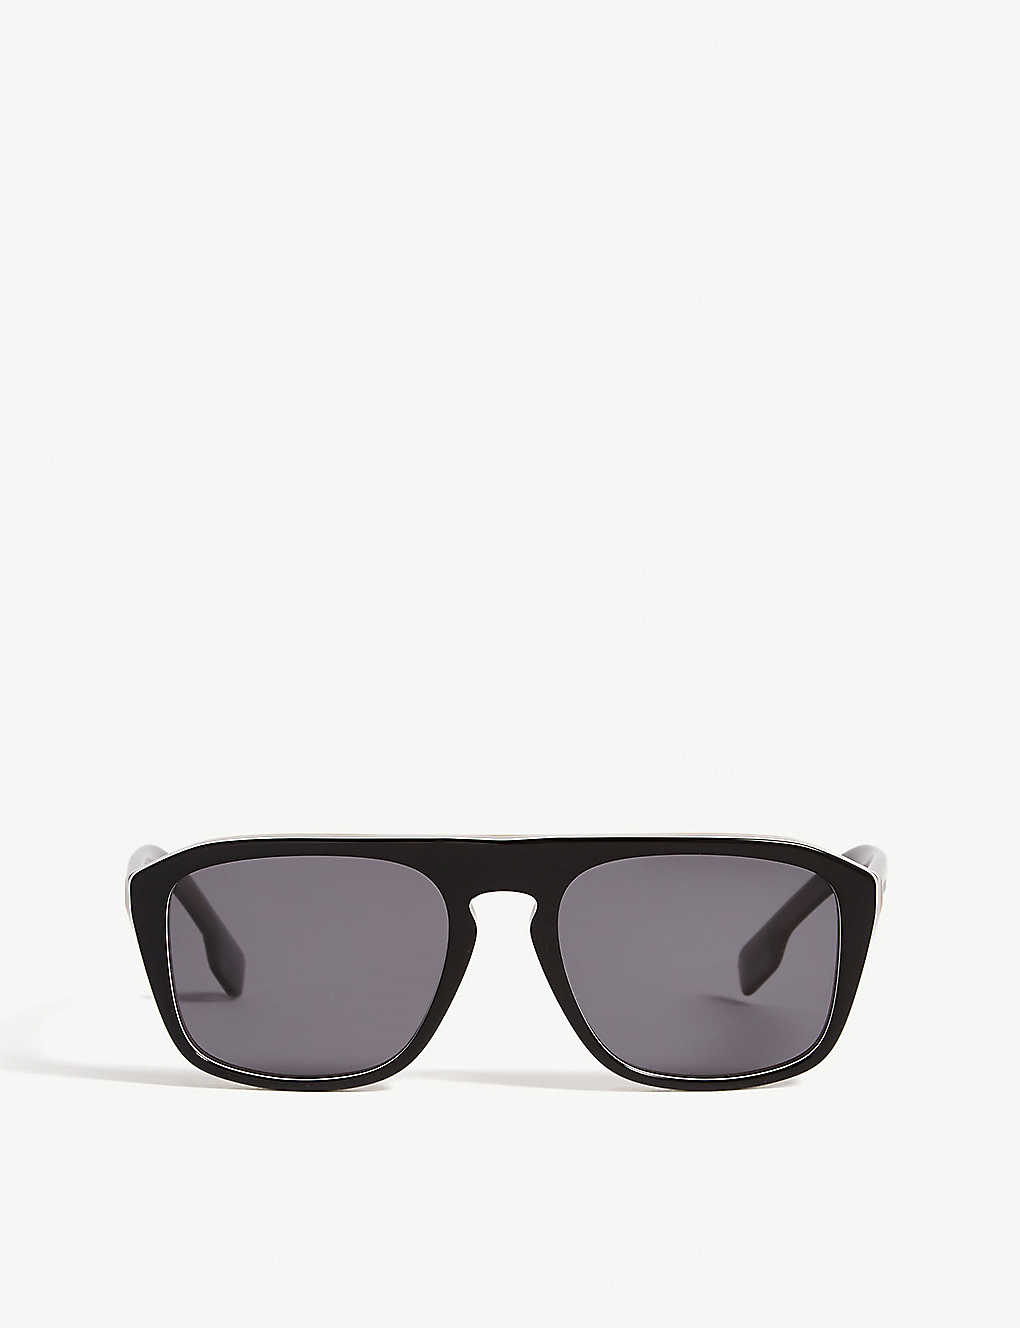 c152a2c15da BURBERRY - BE4286 sunglasses